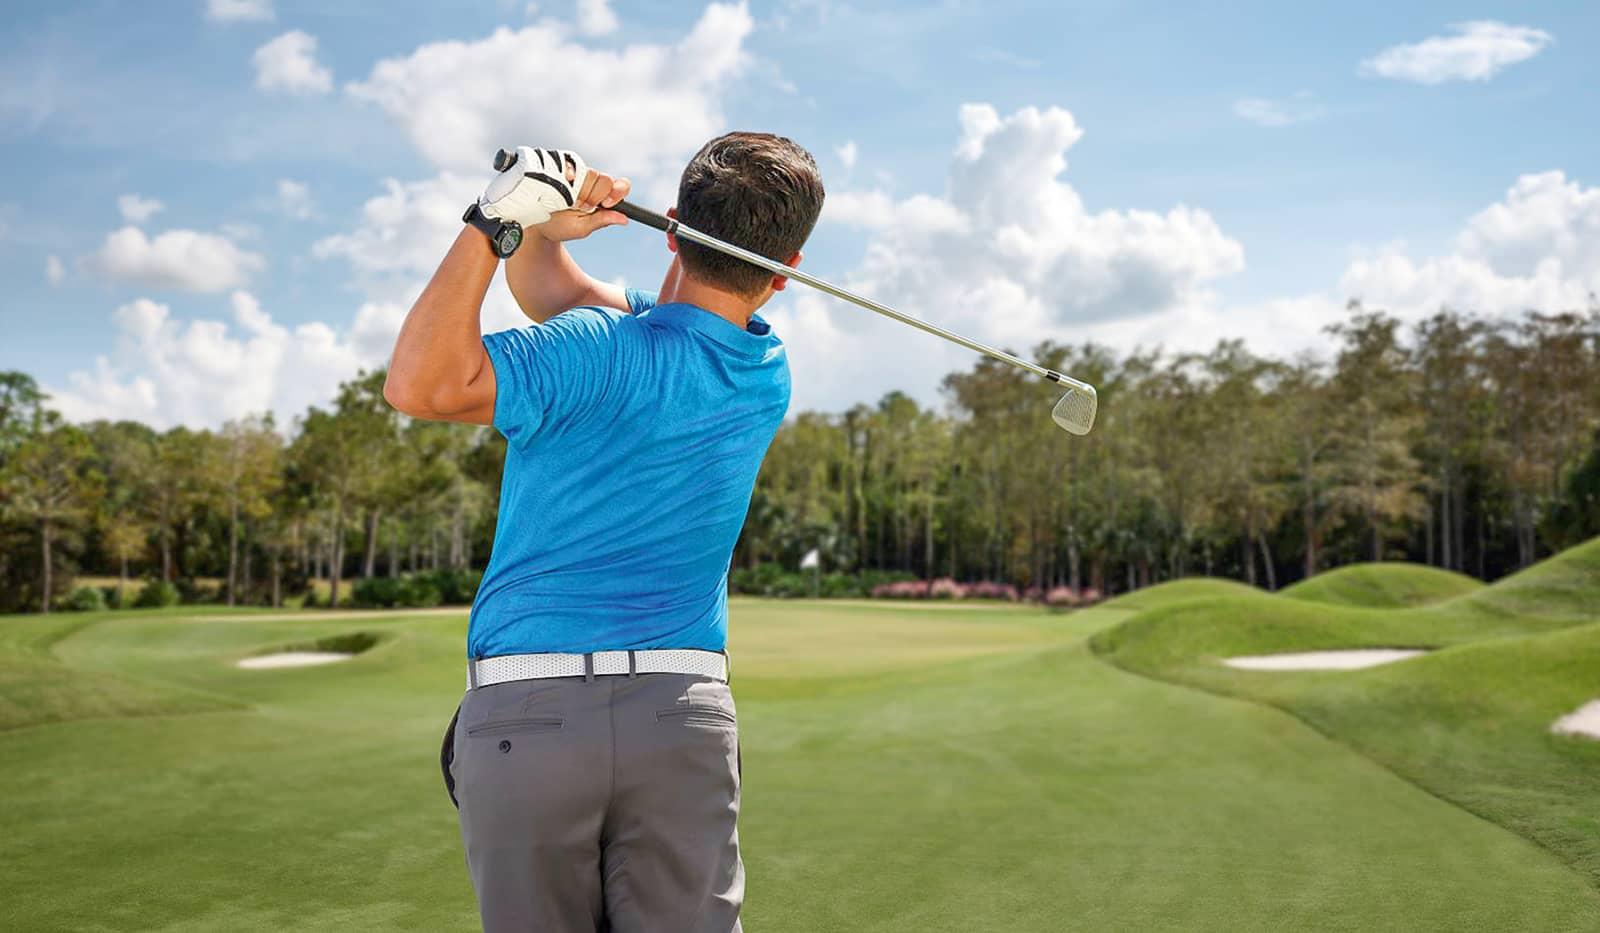 Golfer beim Abschlag, trägt Garmin